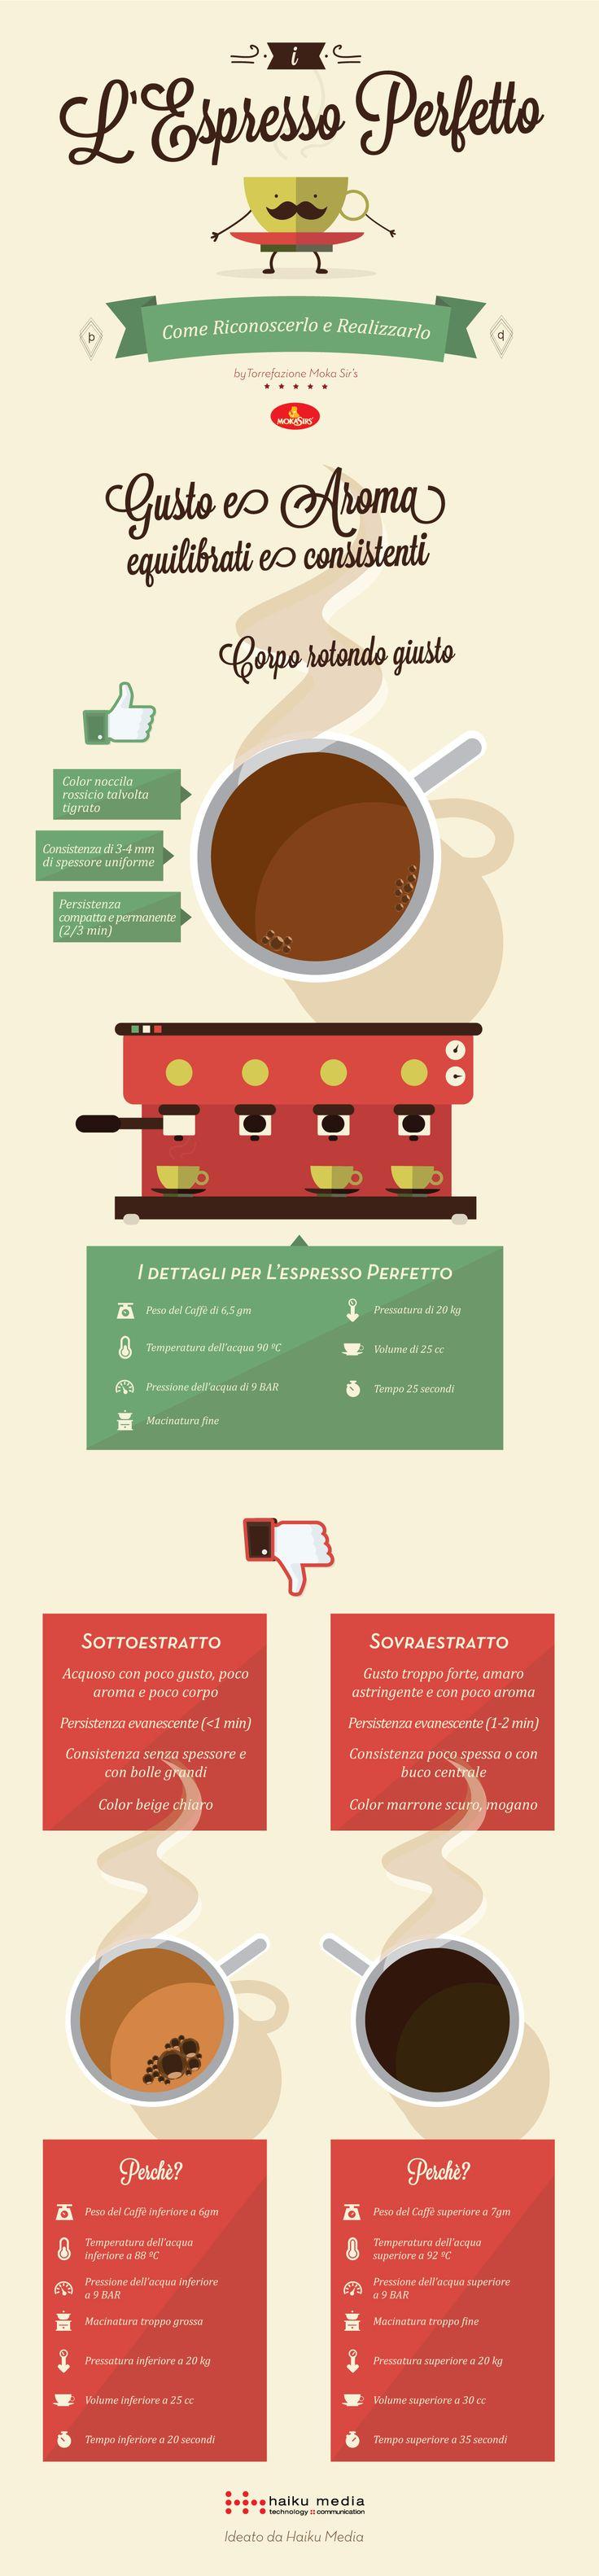 Esiste un Espresso Perfetto?